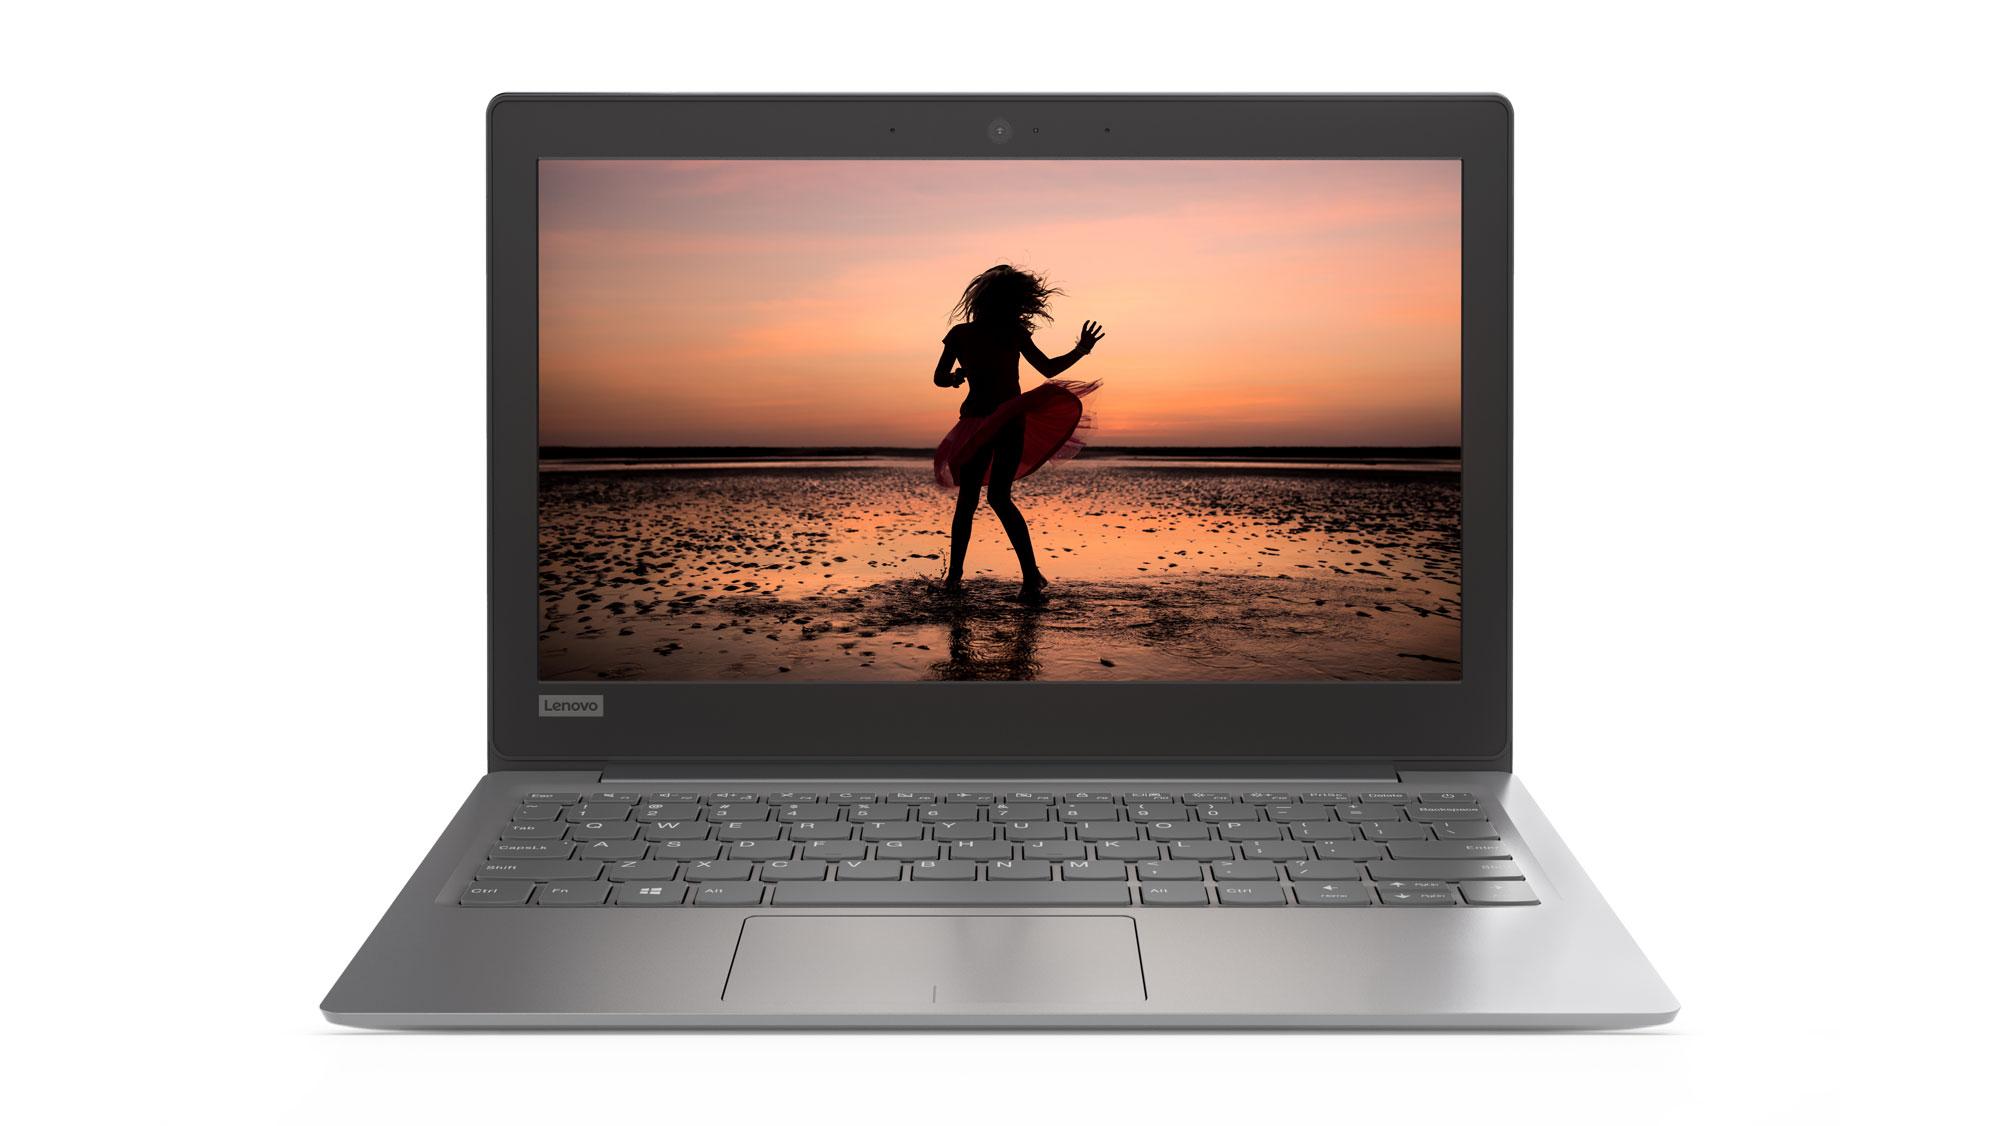 Фото  Ноутбук Lenovo ideapad 120S-11 Mineral Grey (81A400D7RA)